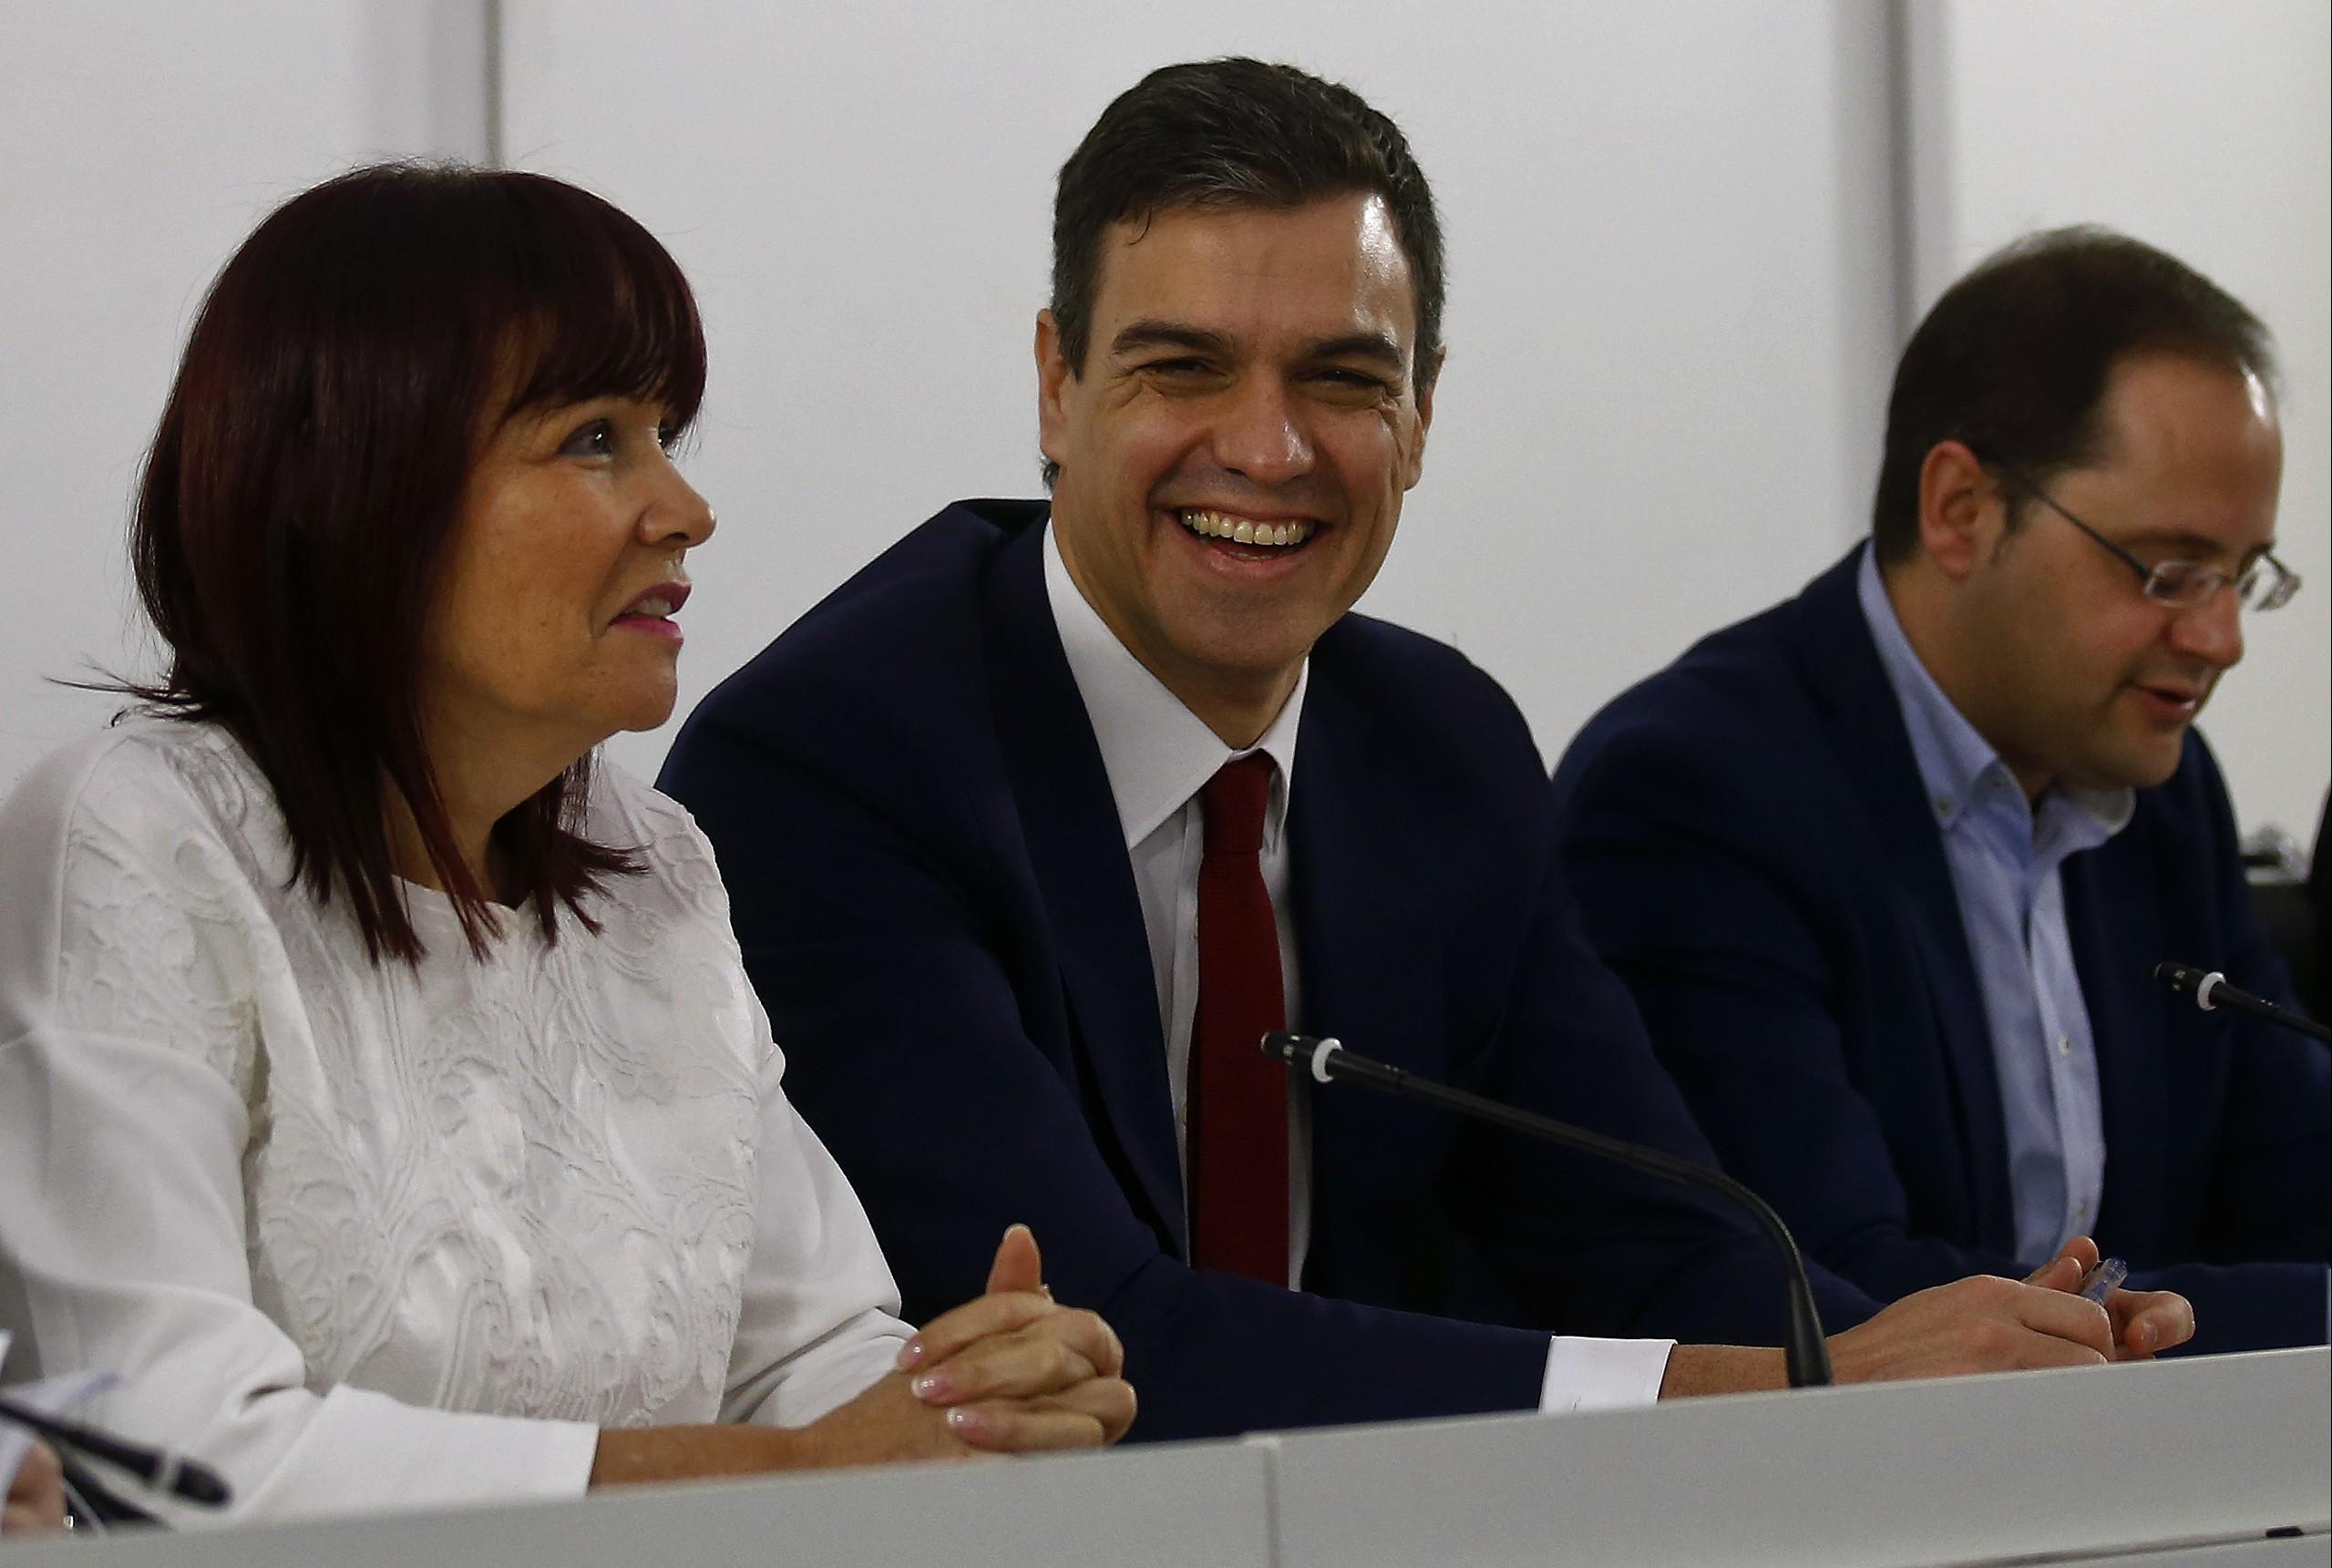 El líder del PSOE, Pedro Sánchez. FOTO: Reuters